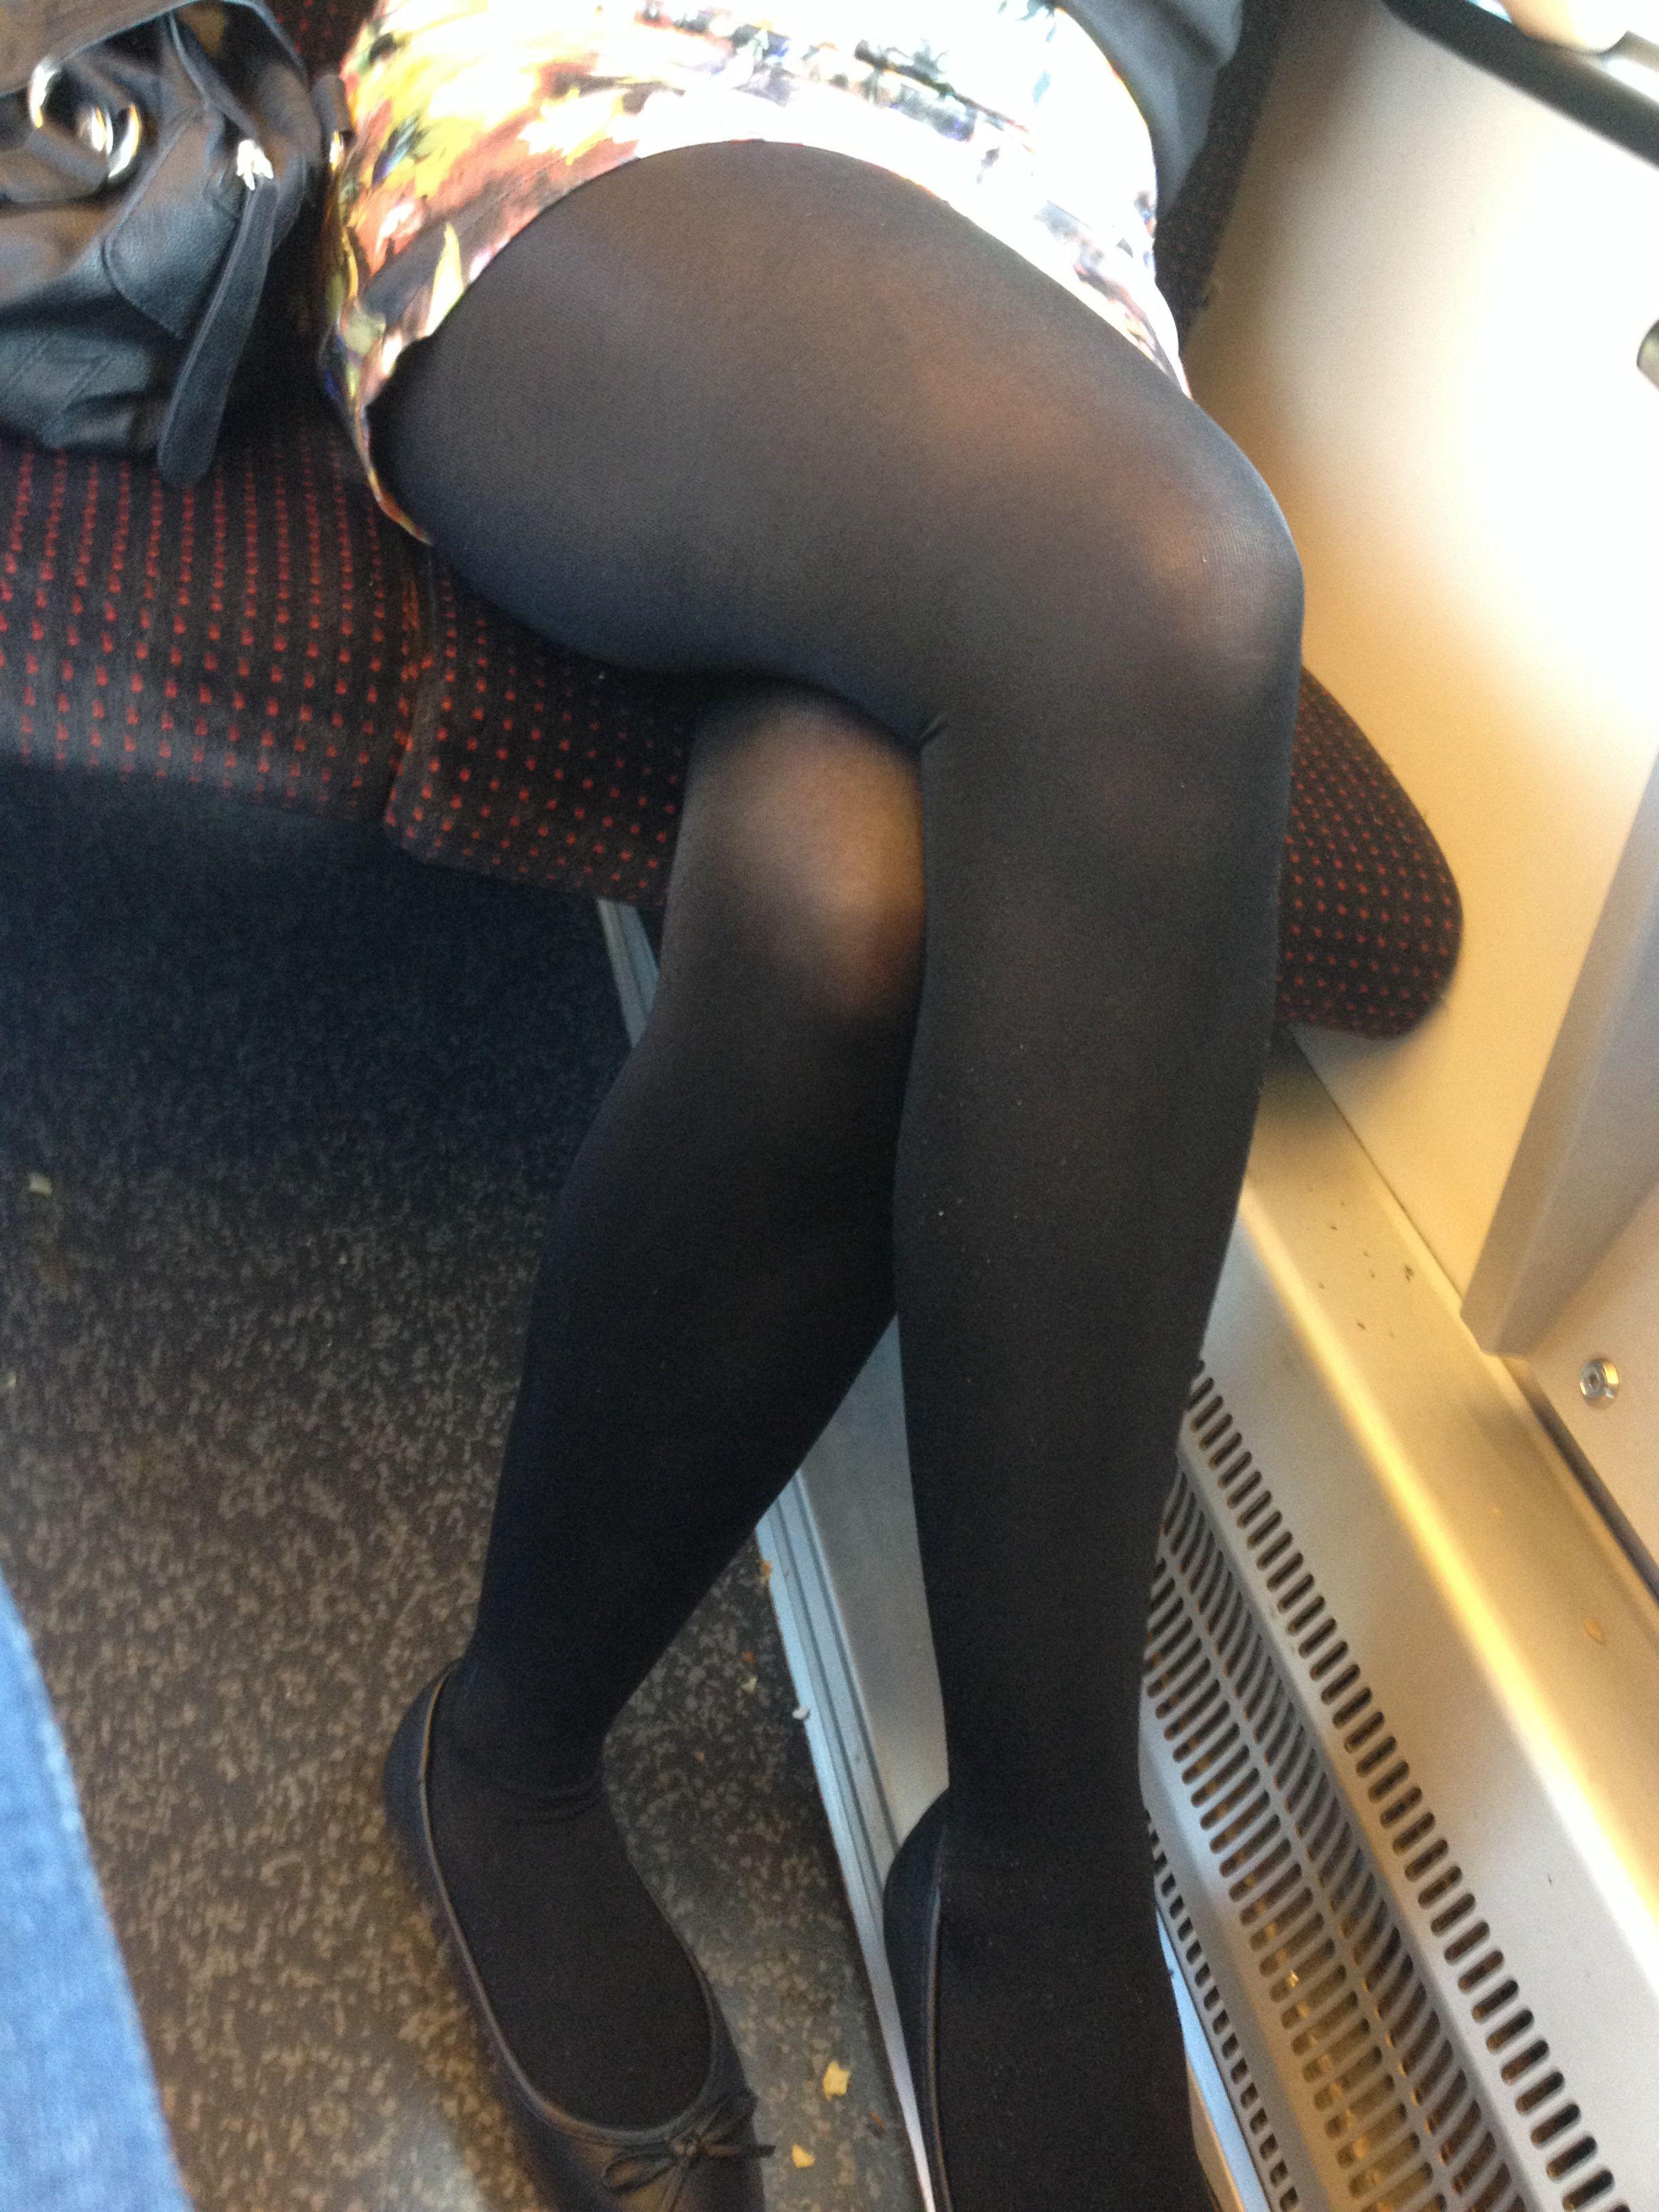 Sexy legs in train geile sau zeigt ihren geilen beine im zug - 4 2